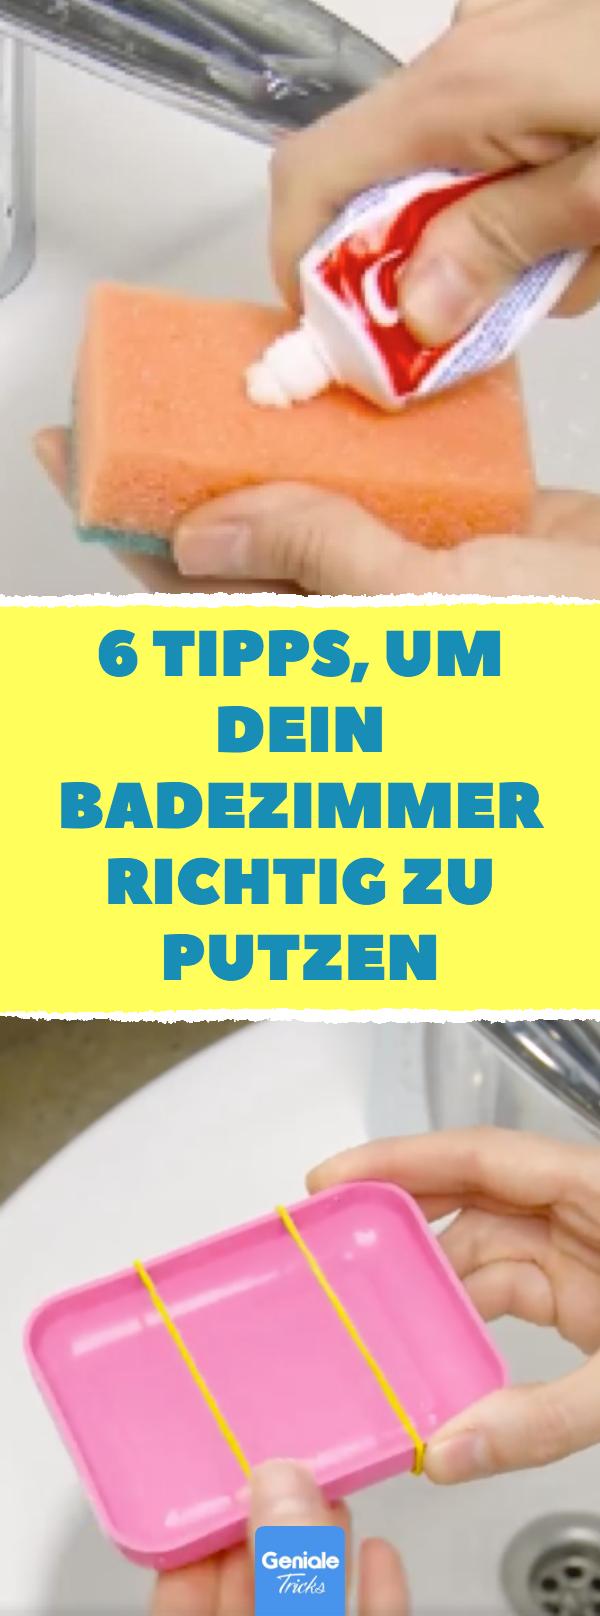 6 Tipps Um Dein Badezimmer Richtig Zu Putzen Haushalt Bad Putzen Life Hacks Badezimmer Putzen Tipps Putzmittel Selbstgemacht Tipps